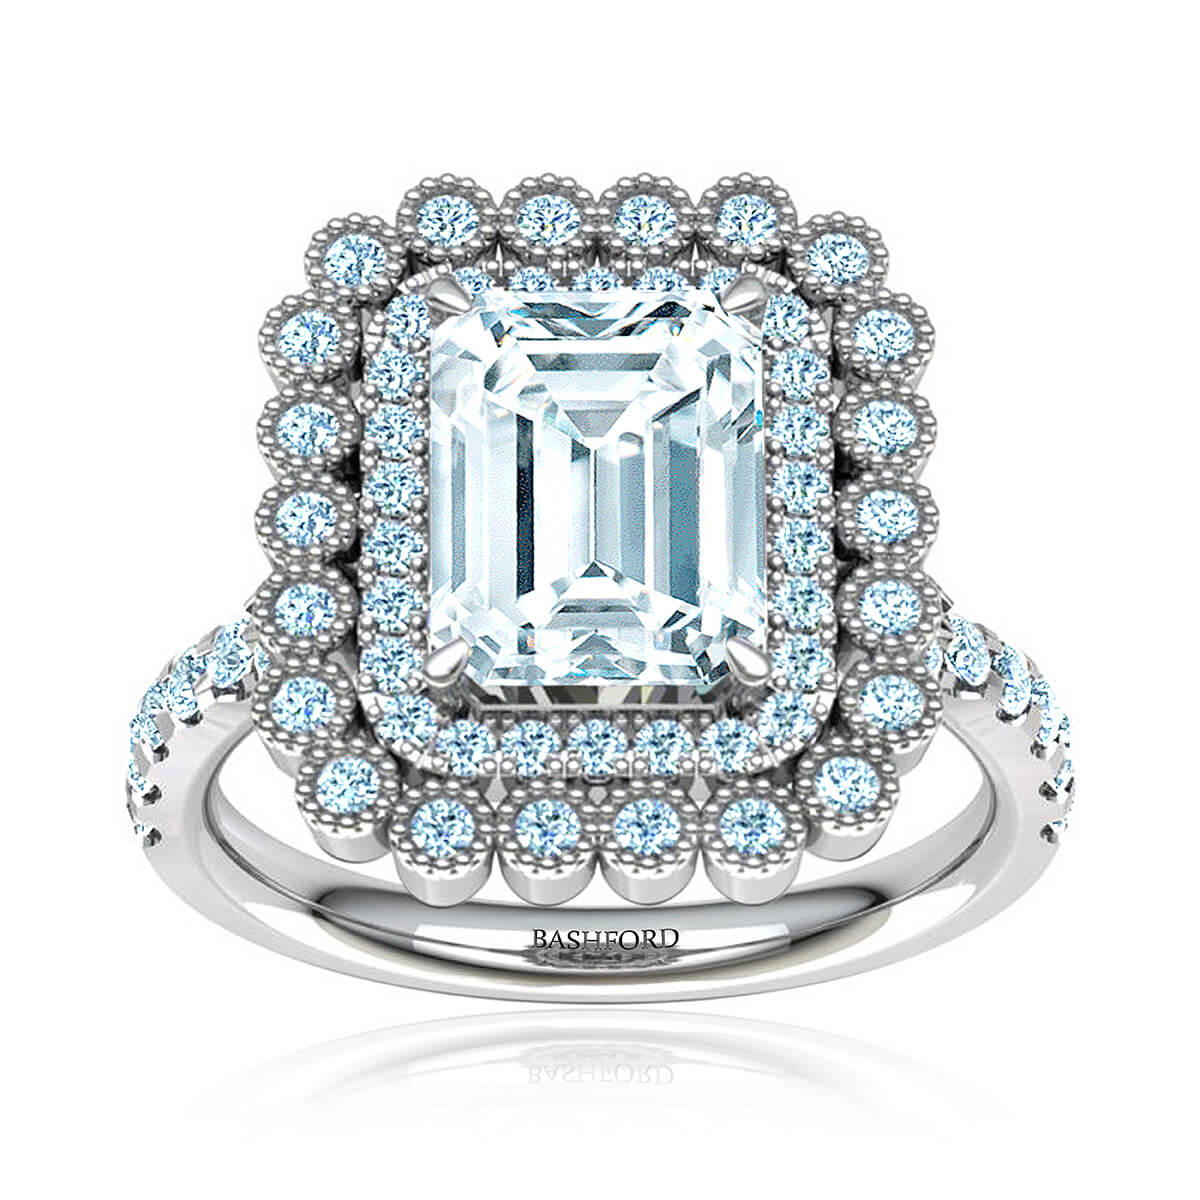 Tularosa Diamond Ring (1/2 CT. TW.)